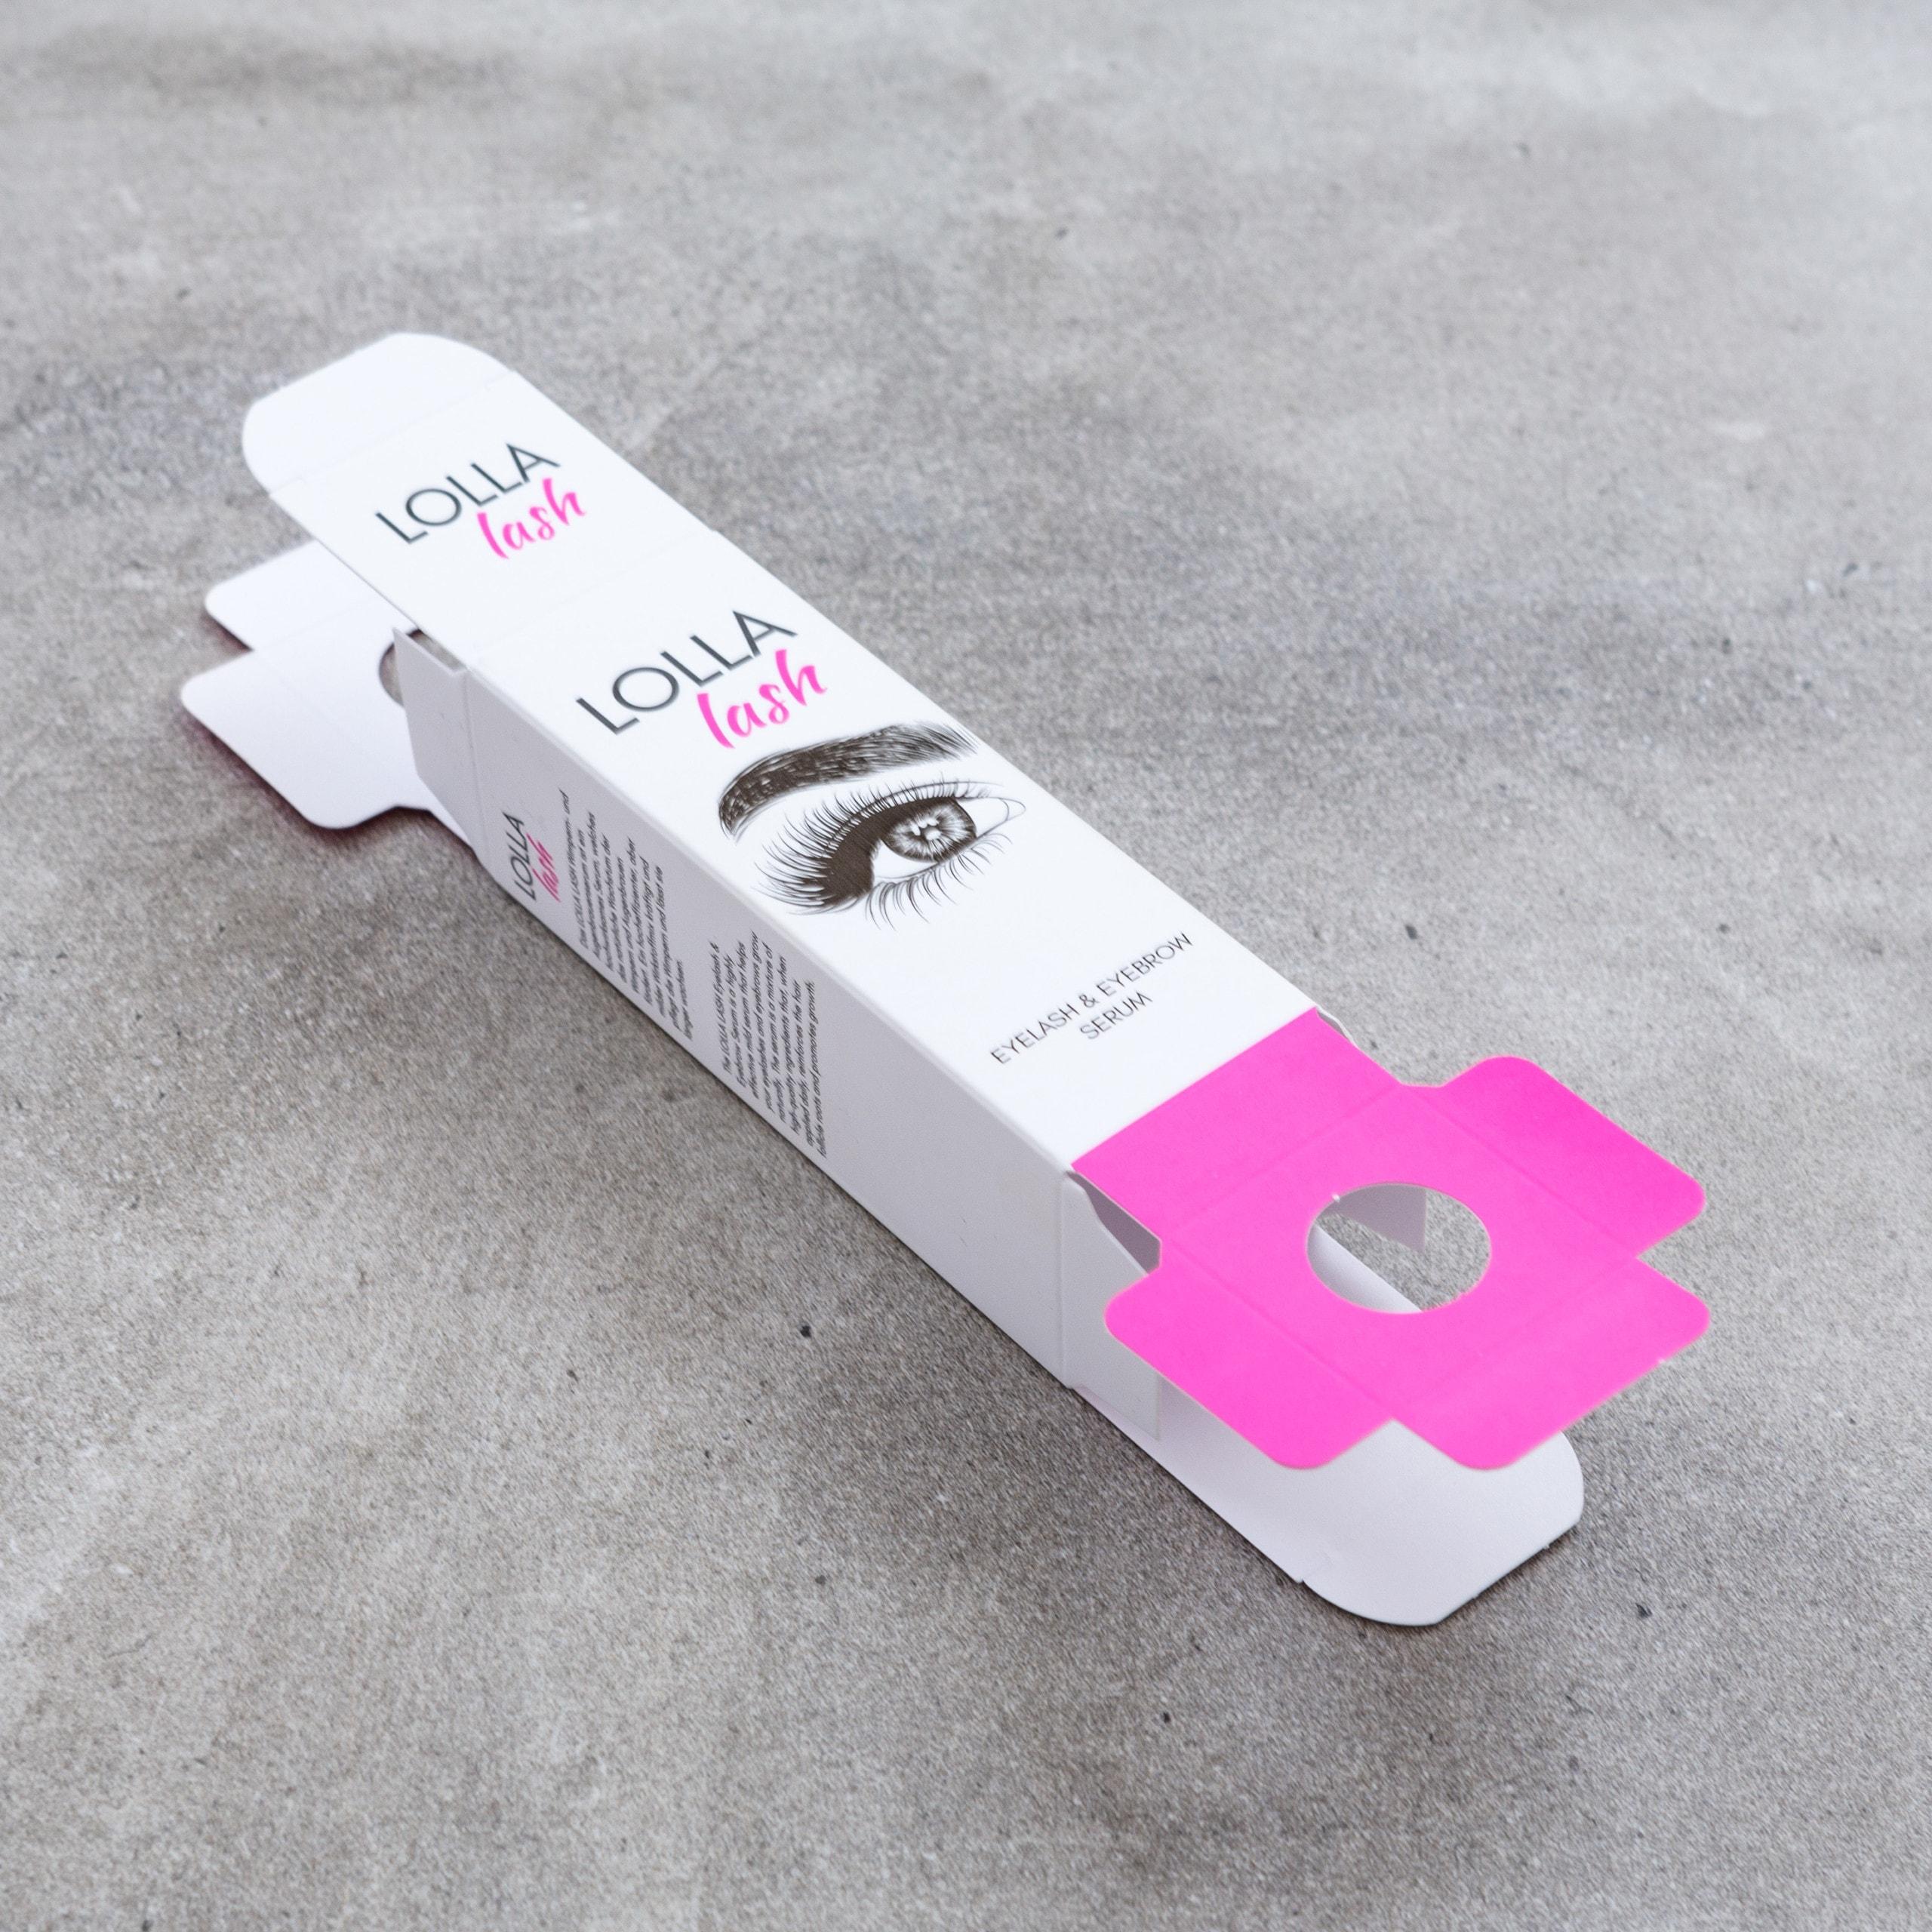 Kreative Verpackungen von Bösmüller